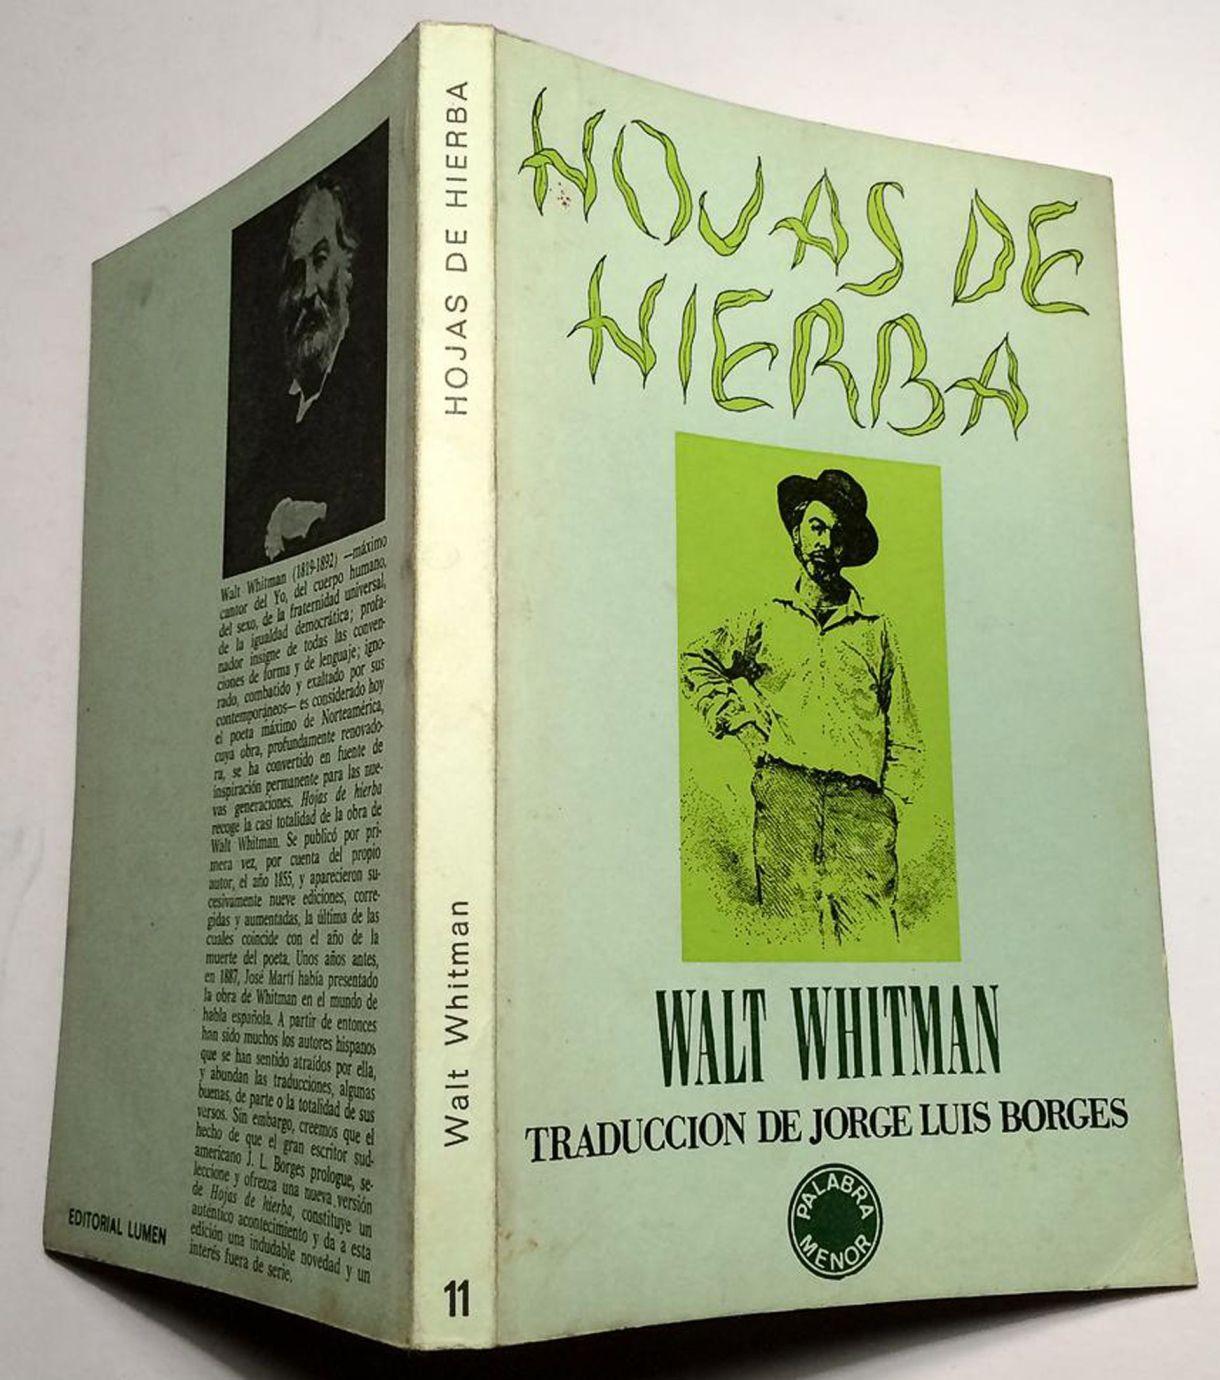 """""""hojas de hierba"""" de Walt Whitman con traducción de Jorge Luis Borges"""